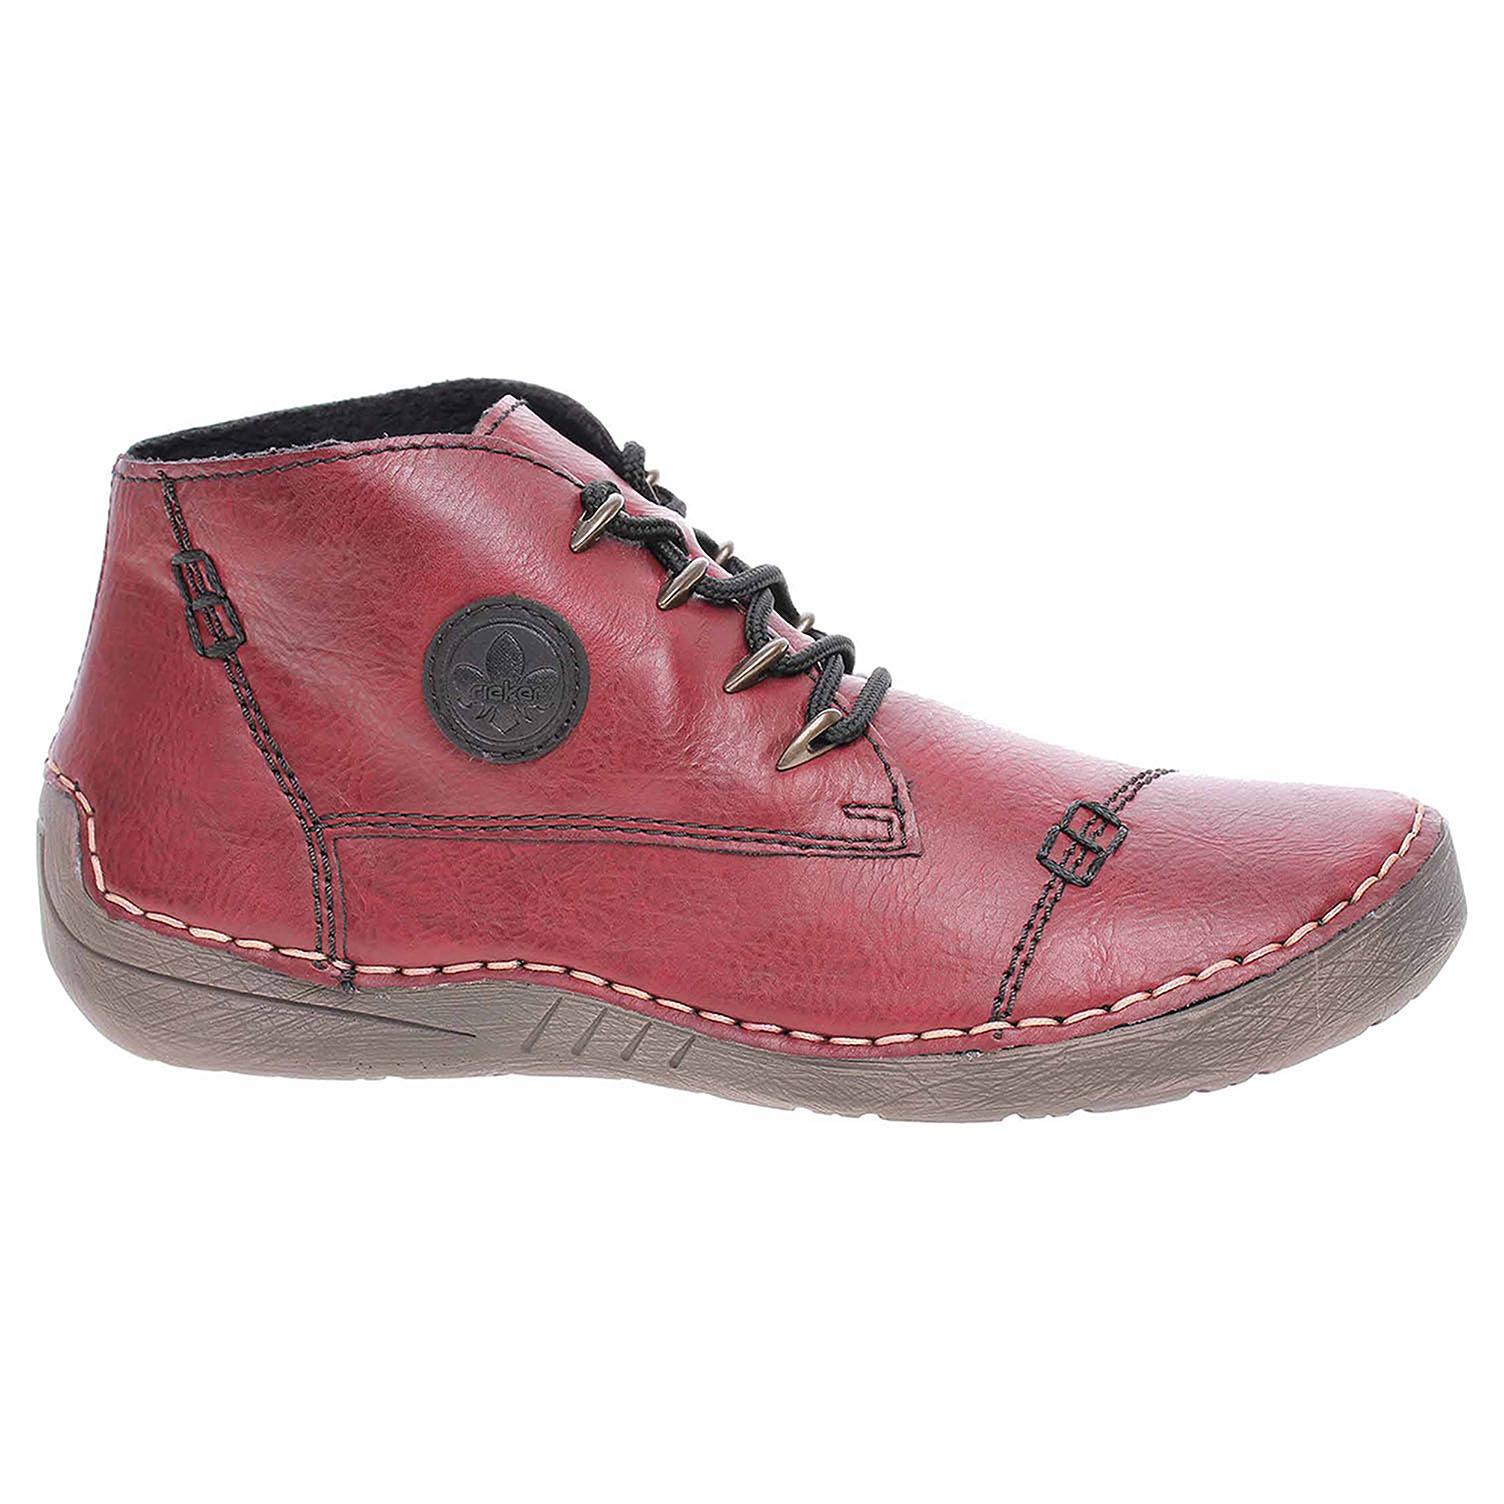 Dámská kotníková obuv Rieker 52502-35 rot 52502-35 39